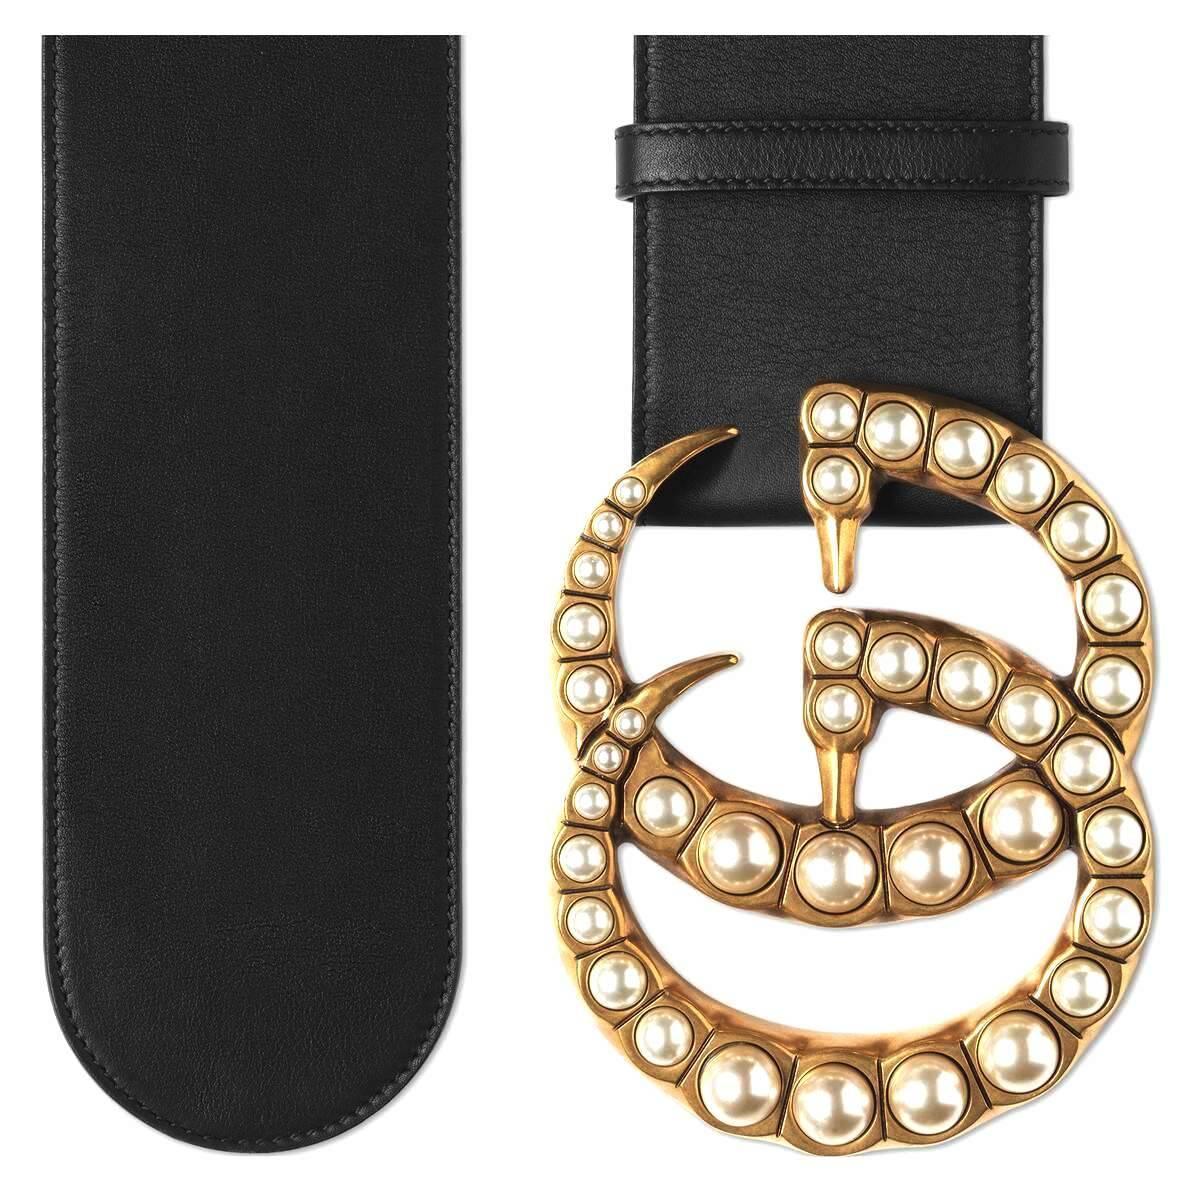 Thắt lưng Gucci nữ bản to được đánh giá rất cao về độ bền